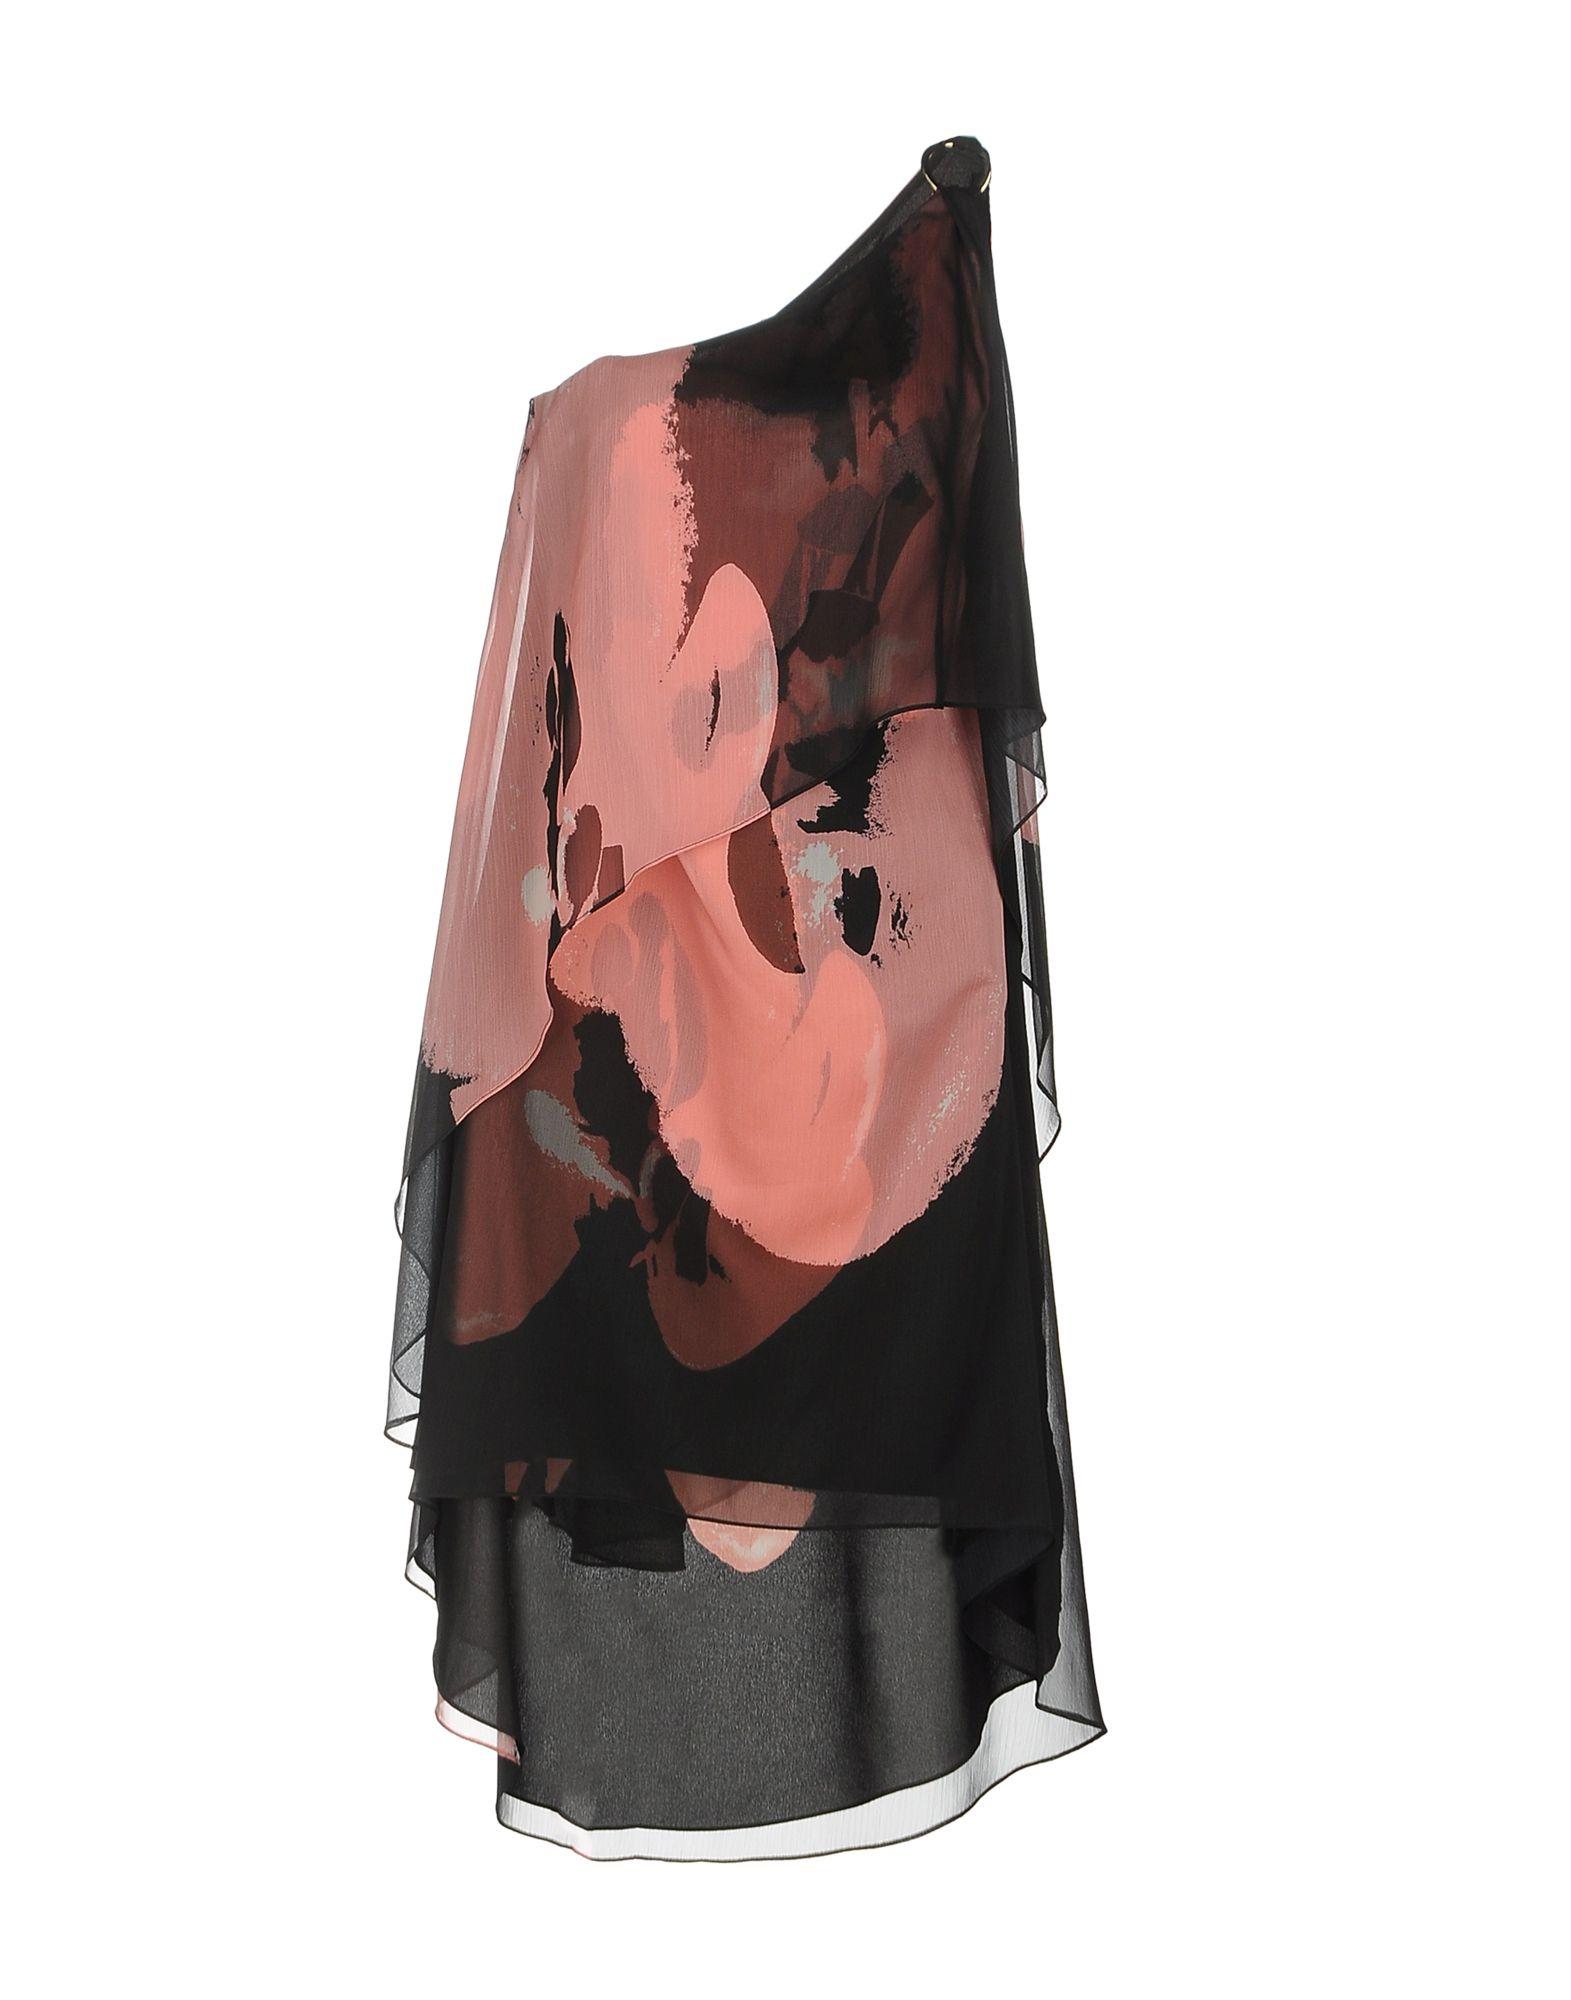 платье halston heritage платья и сарафаны мини короткие HALSTON HERITAGE Платье до колена